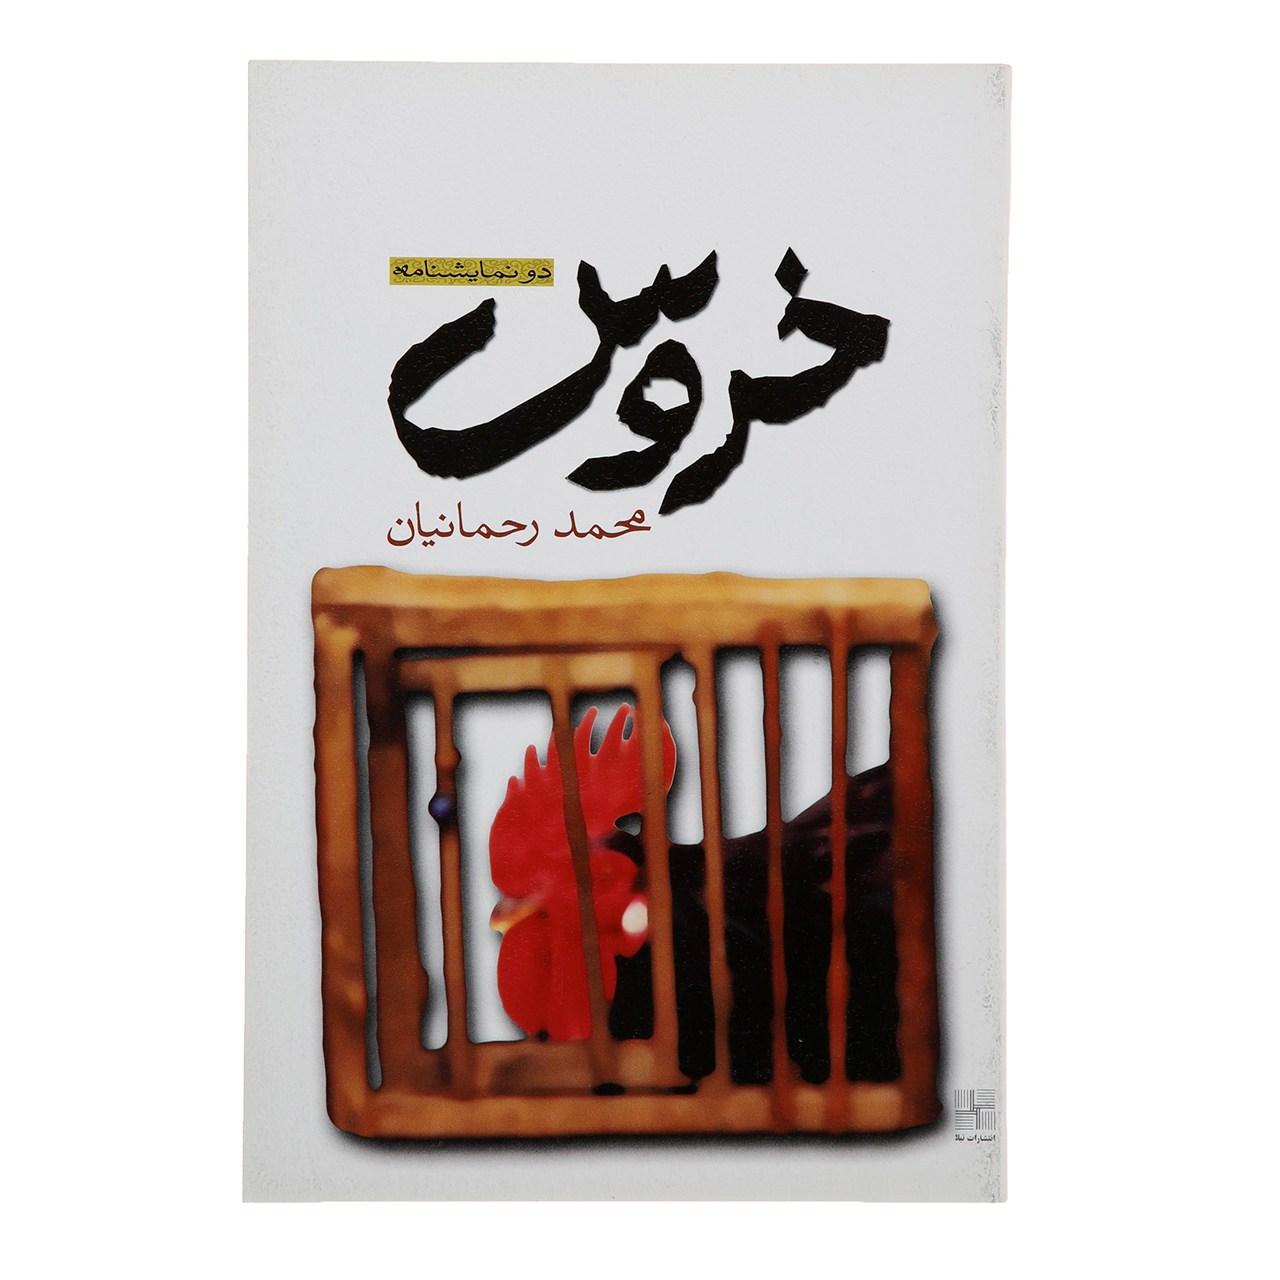 کتاب خروس اثر محمد رحمانیان